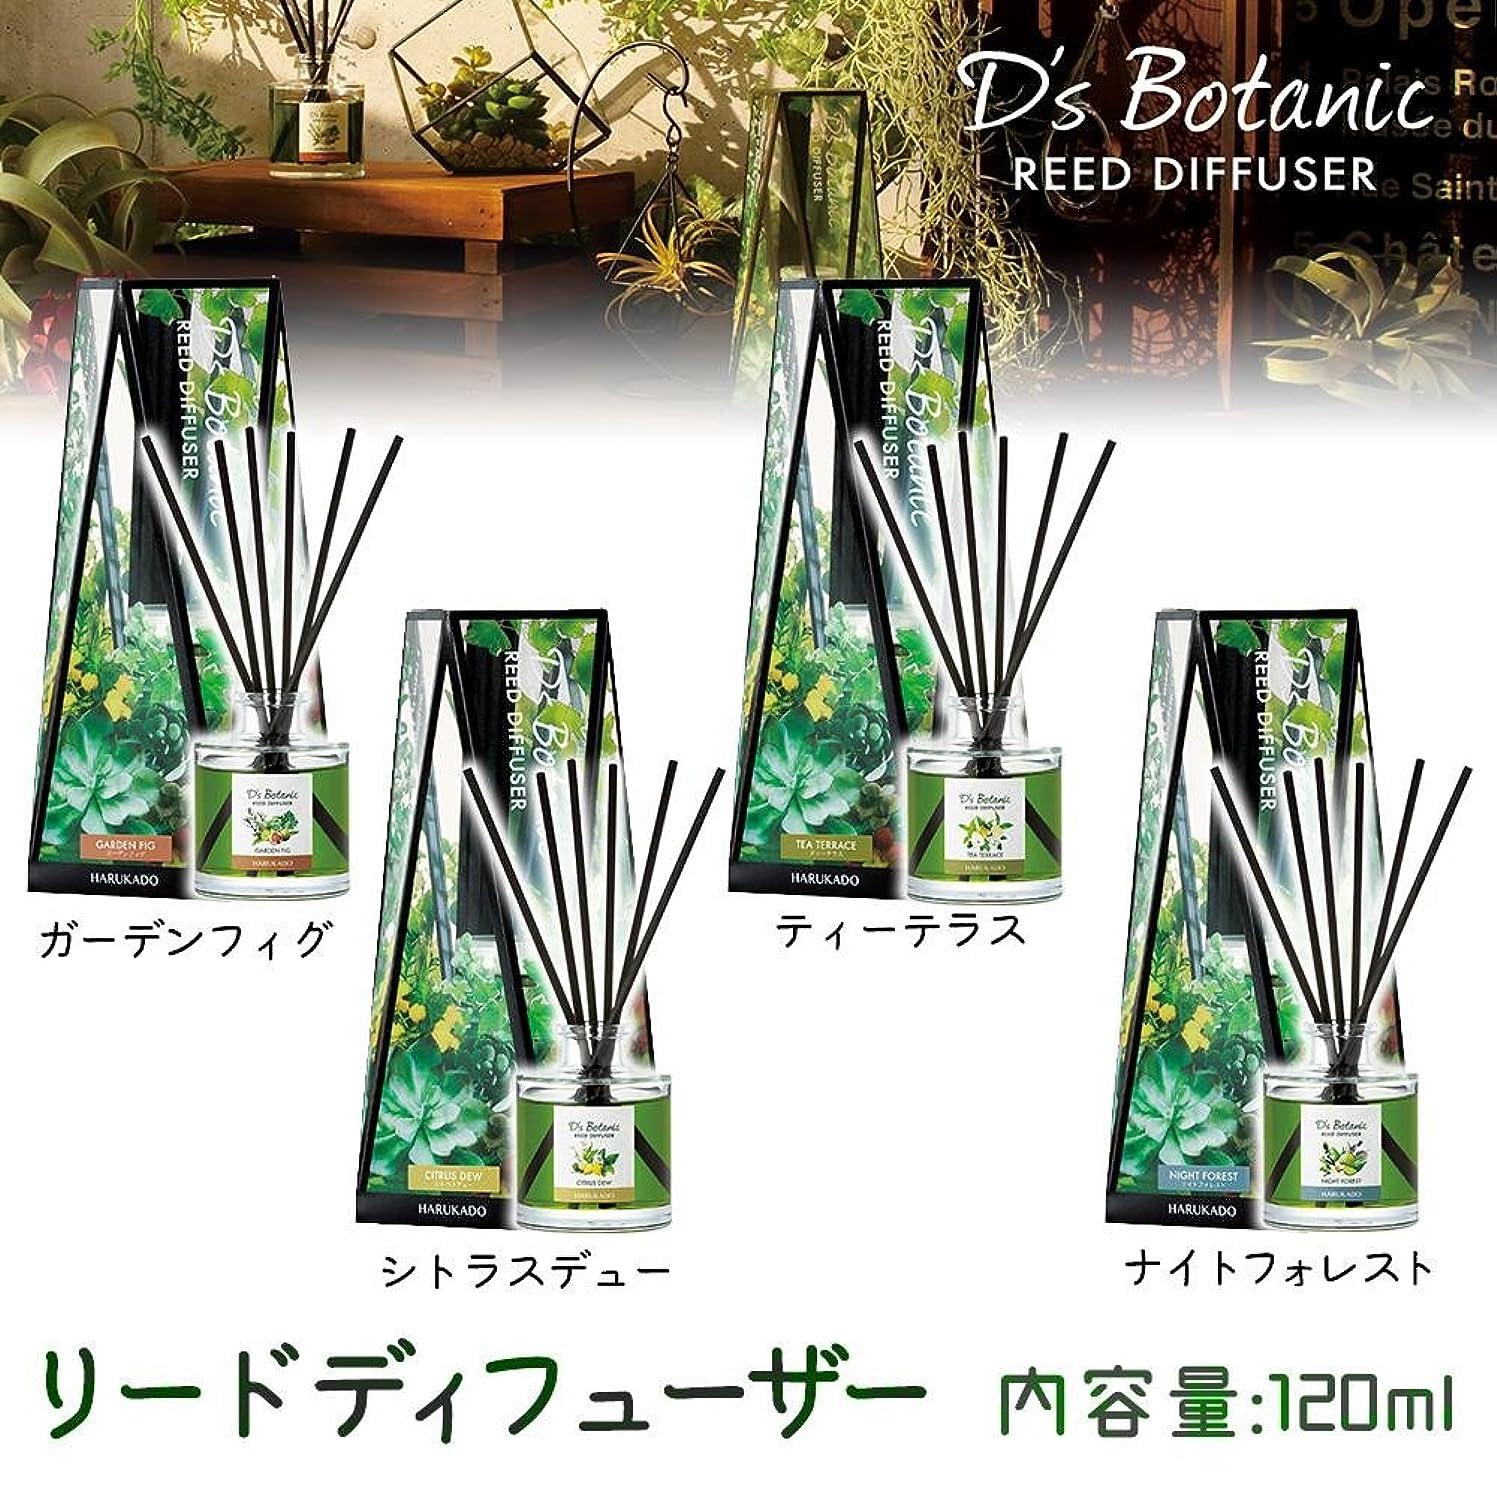 次アルバムドリルD'S Botanic(デイズボタニック) リードディフューザー ルームフレグランス 120ml ティーテラス?6230【人気 おすすめ 】